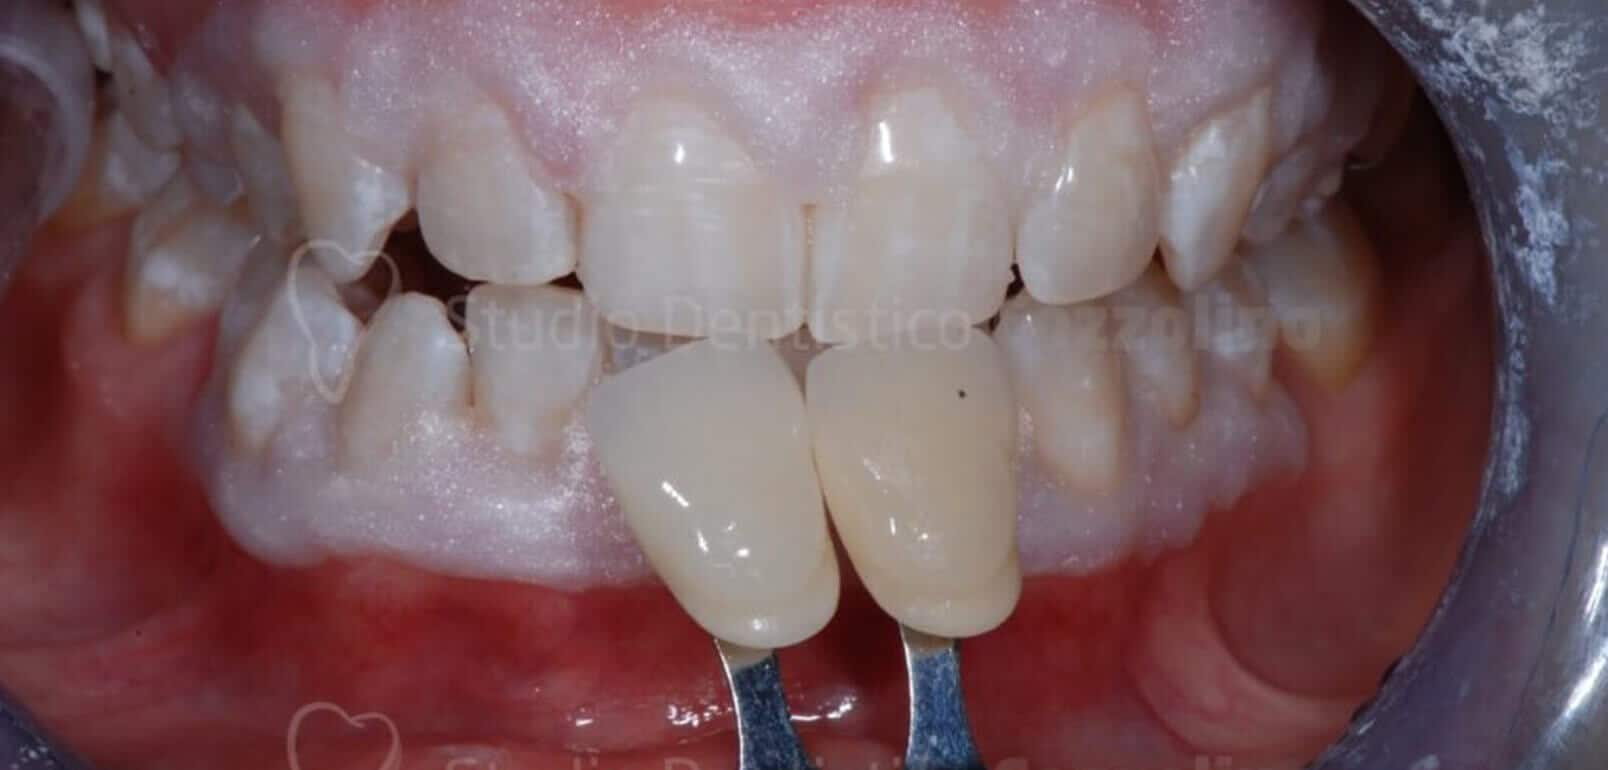 Sbiancamento Denti Trattamento Poltrona